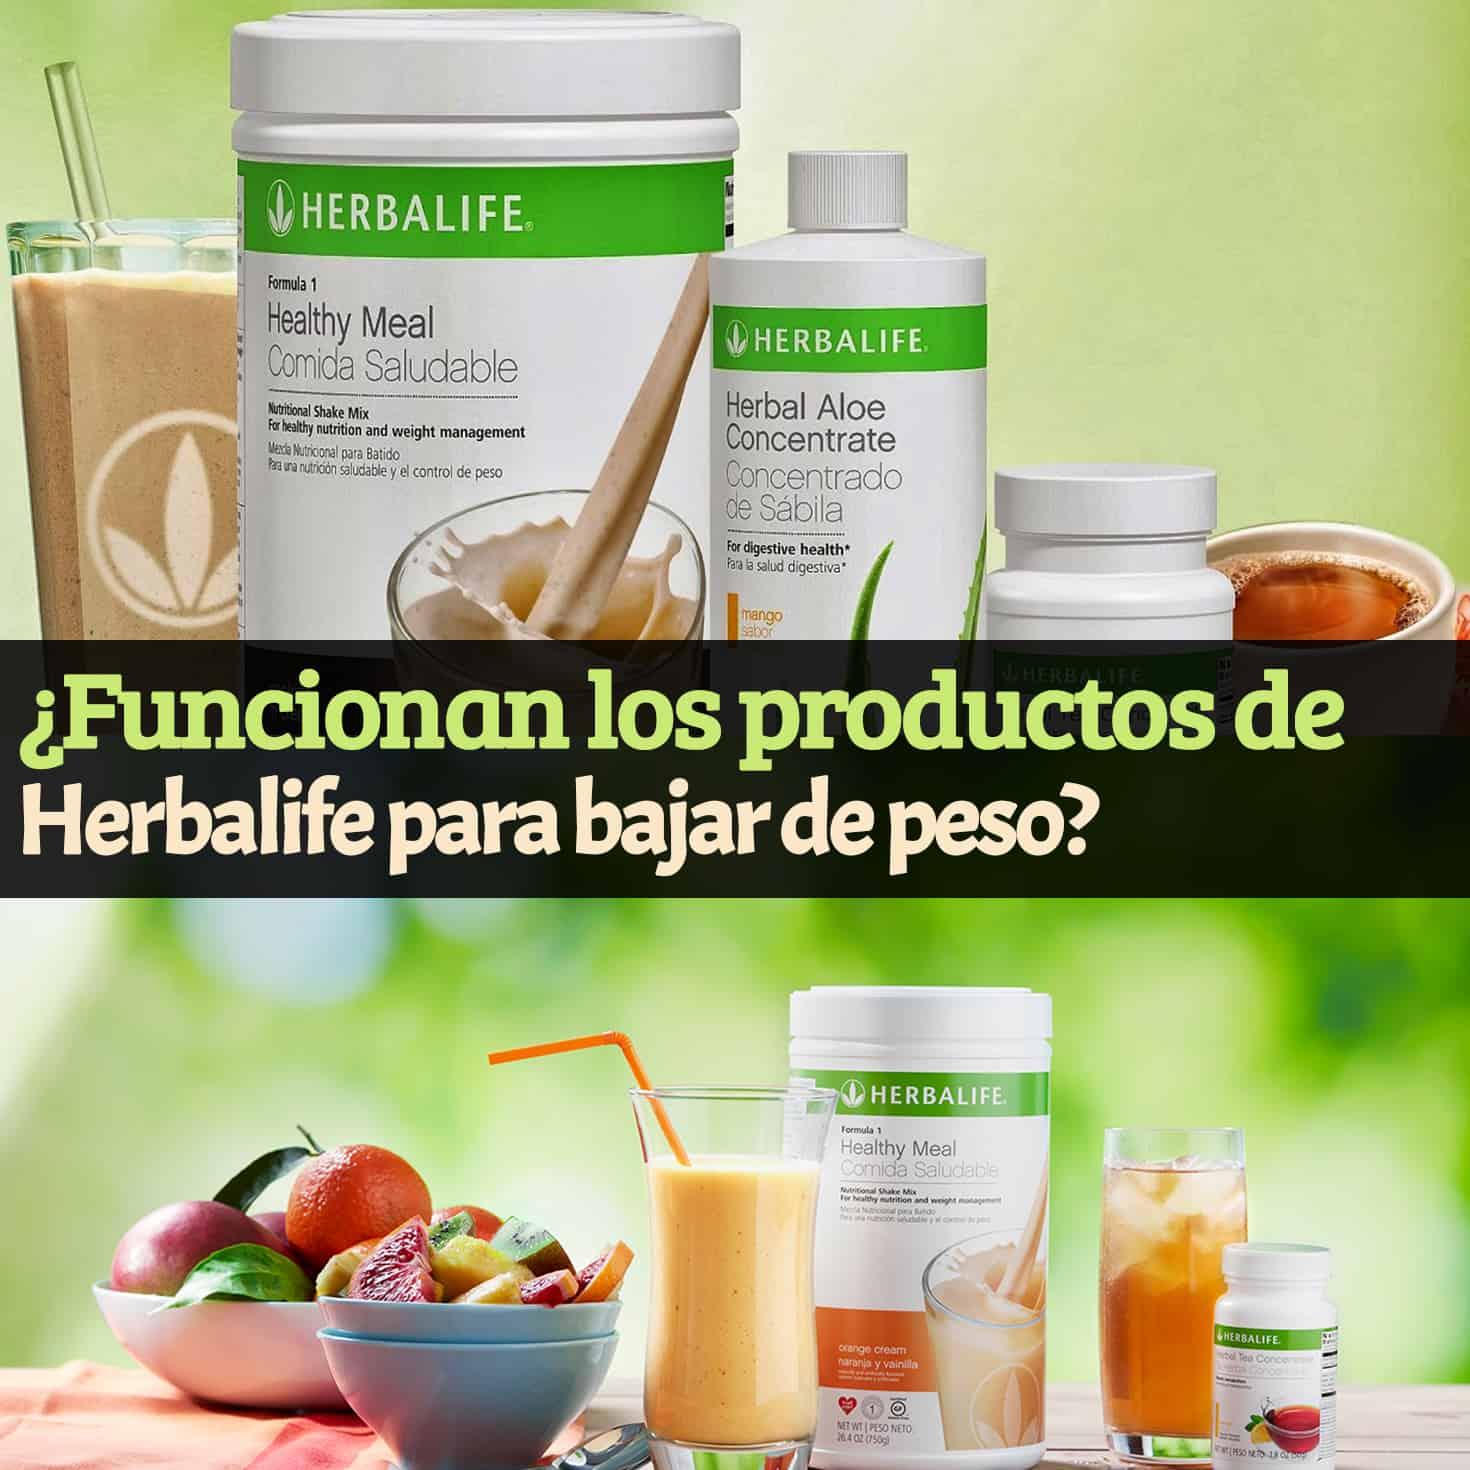 Testimonios para bajar de peso con herbalife products